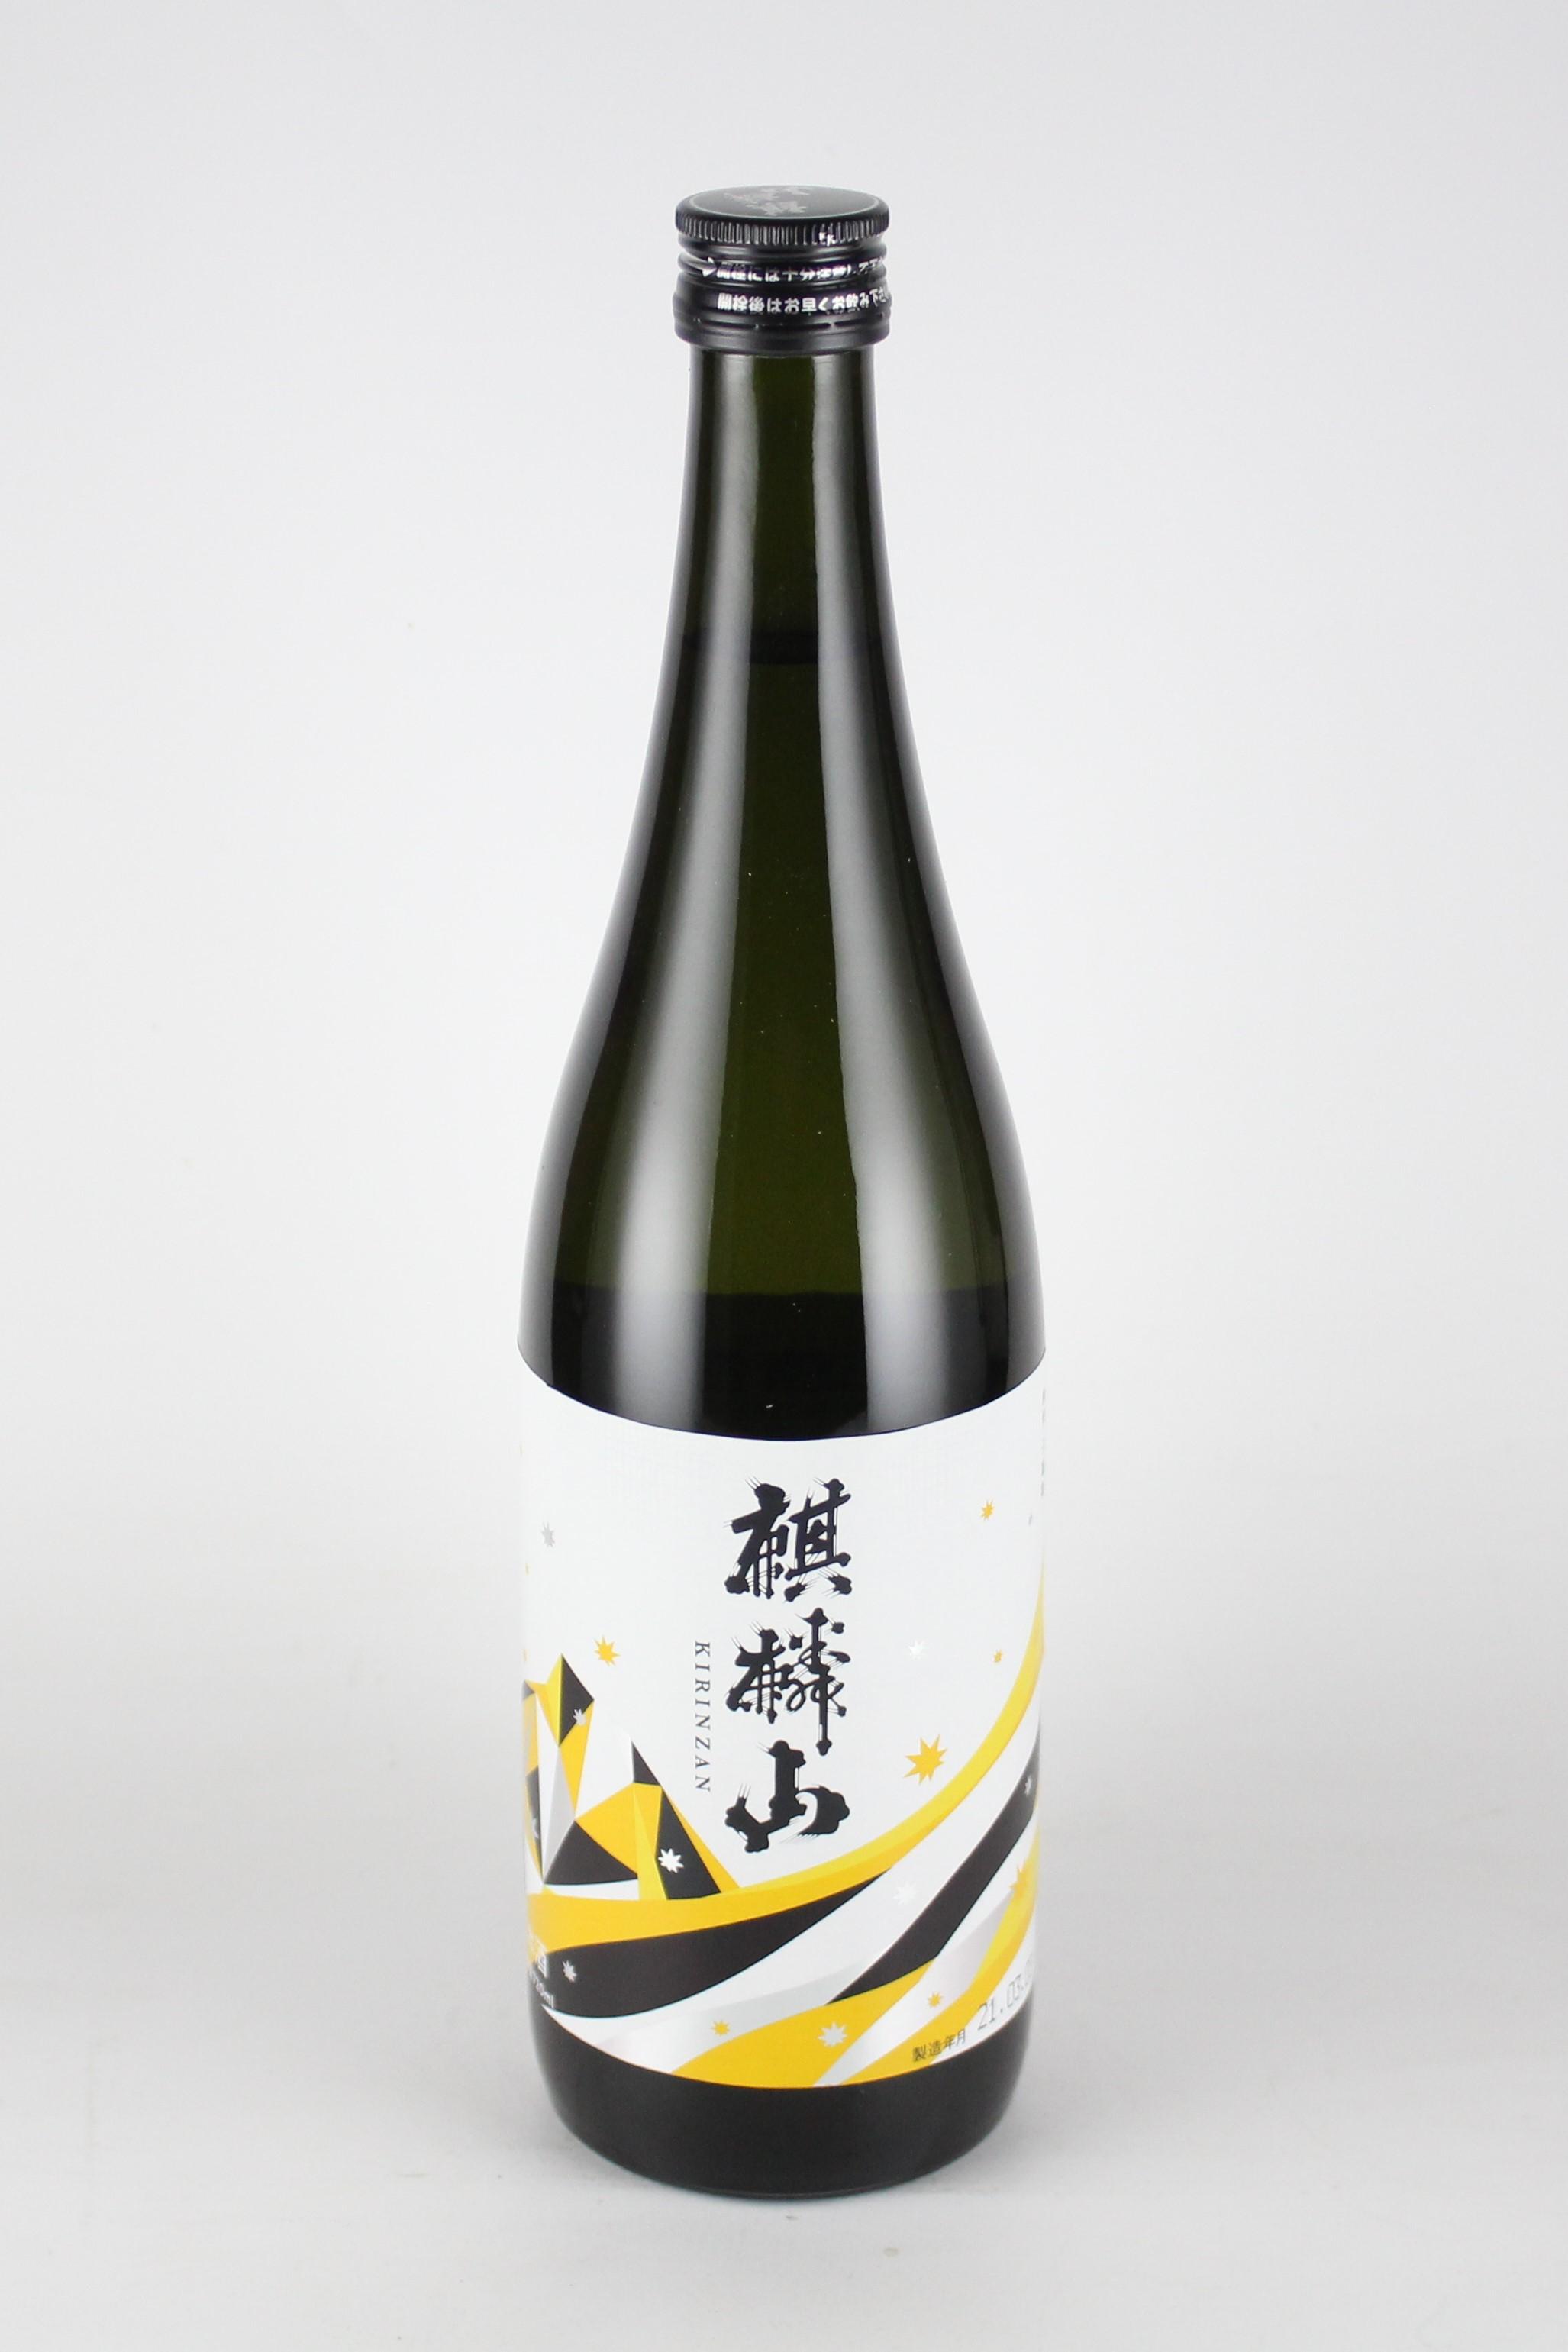 麒麟山 遠雷 吟醸 720ml 【新潟/麒麟山酒造】(香り×淡麗)